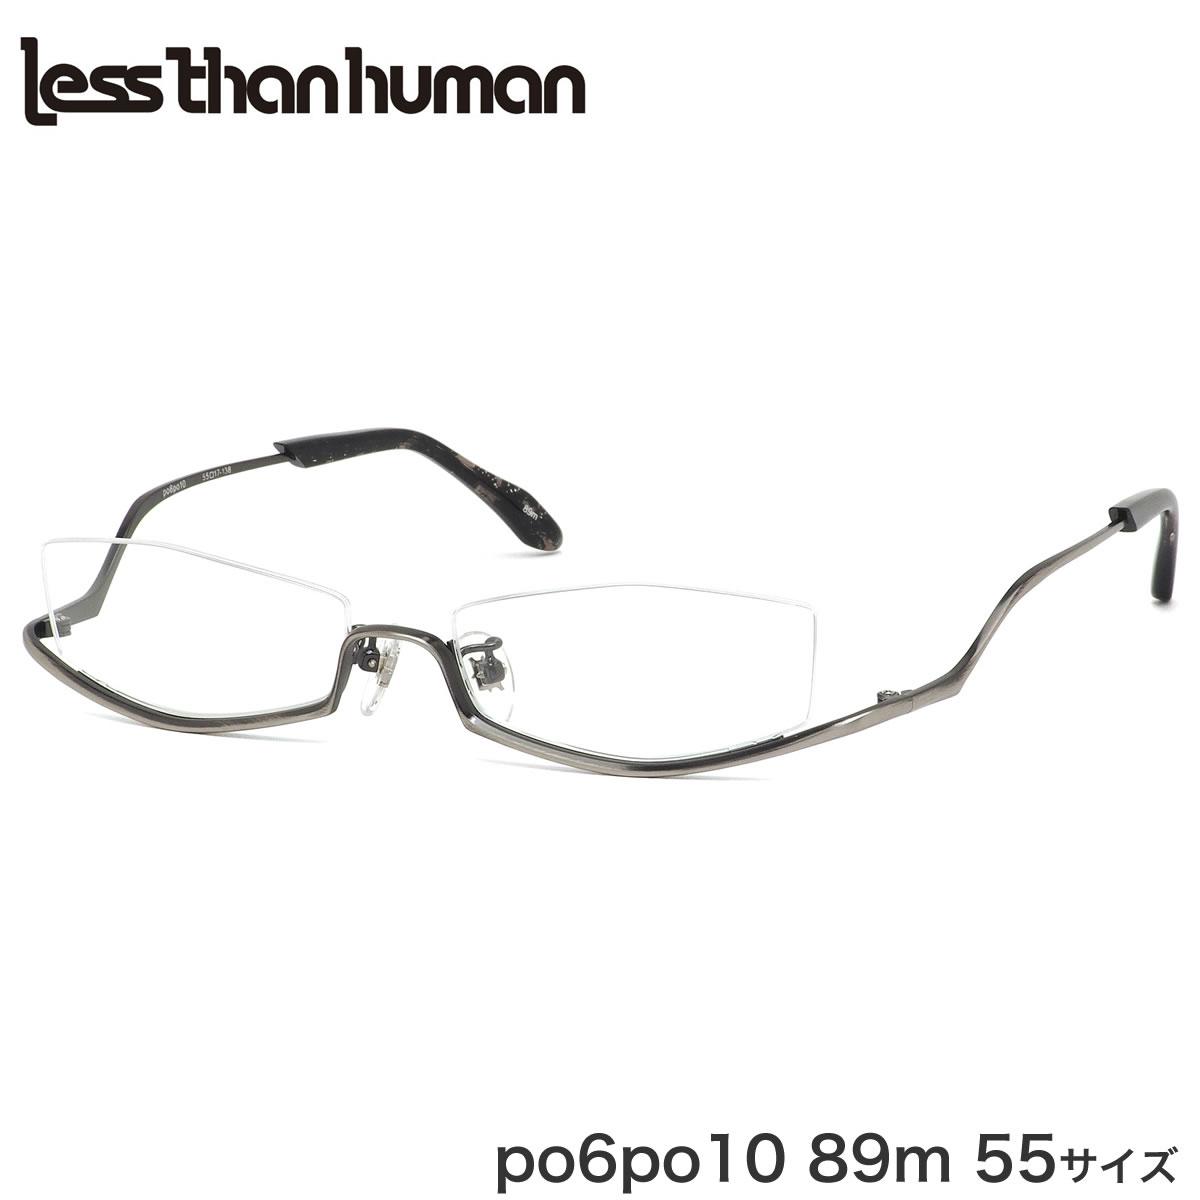 レスザンヒューマン Less than human メガネ po6po10 89m 55サイズ ポルポト 逆ナイロール 復刻 レスザンヒューマンLessthanhuman メンズ レディース